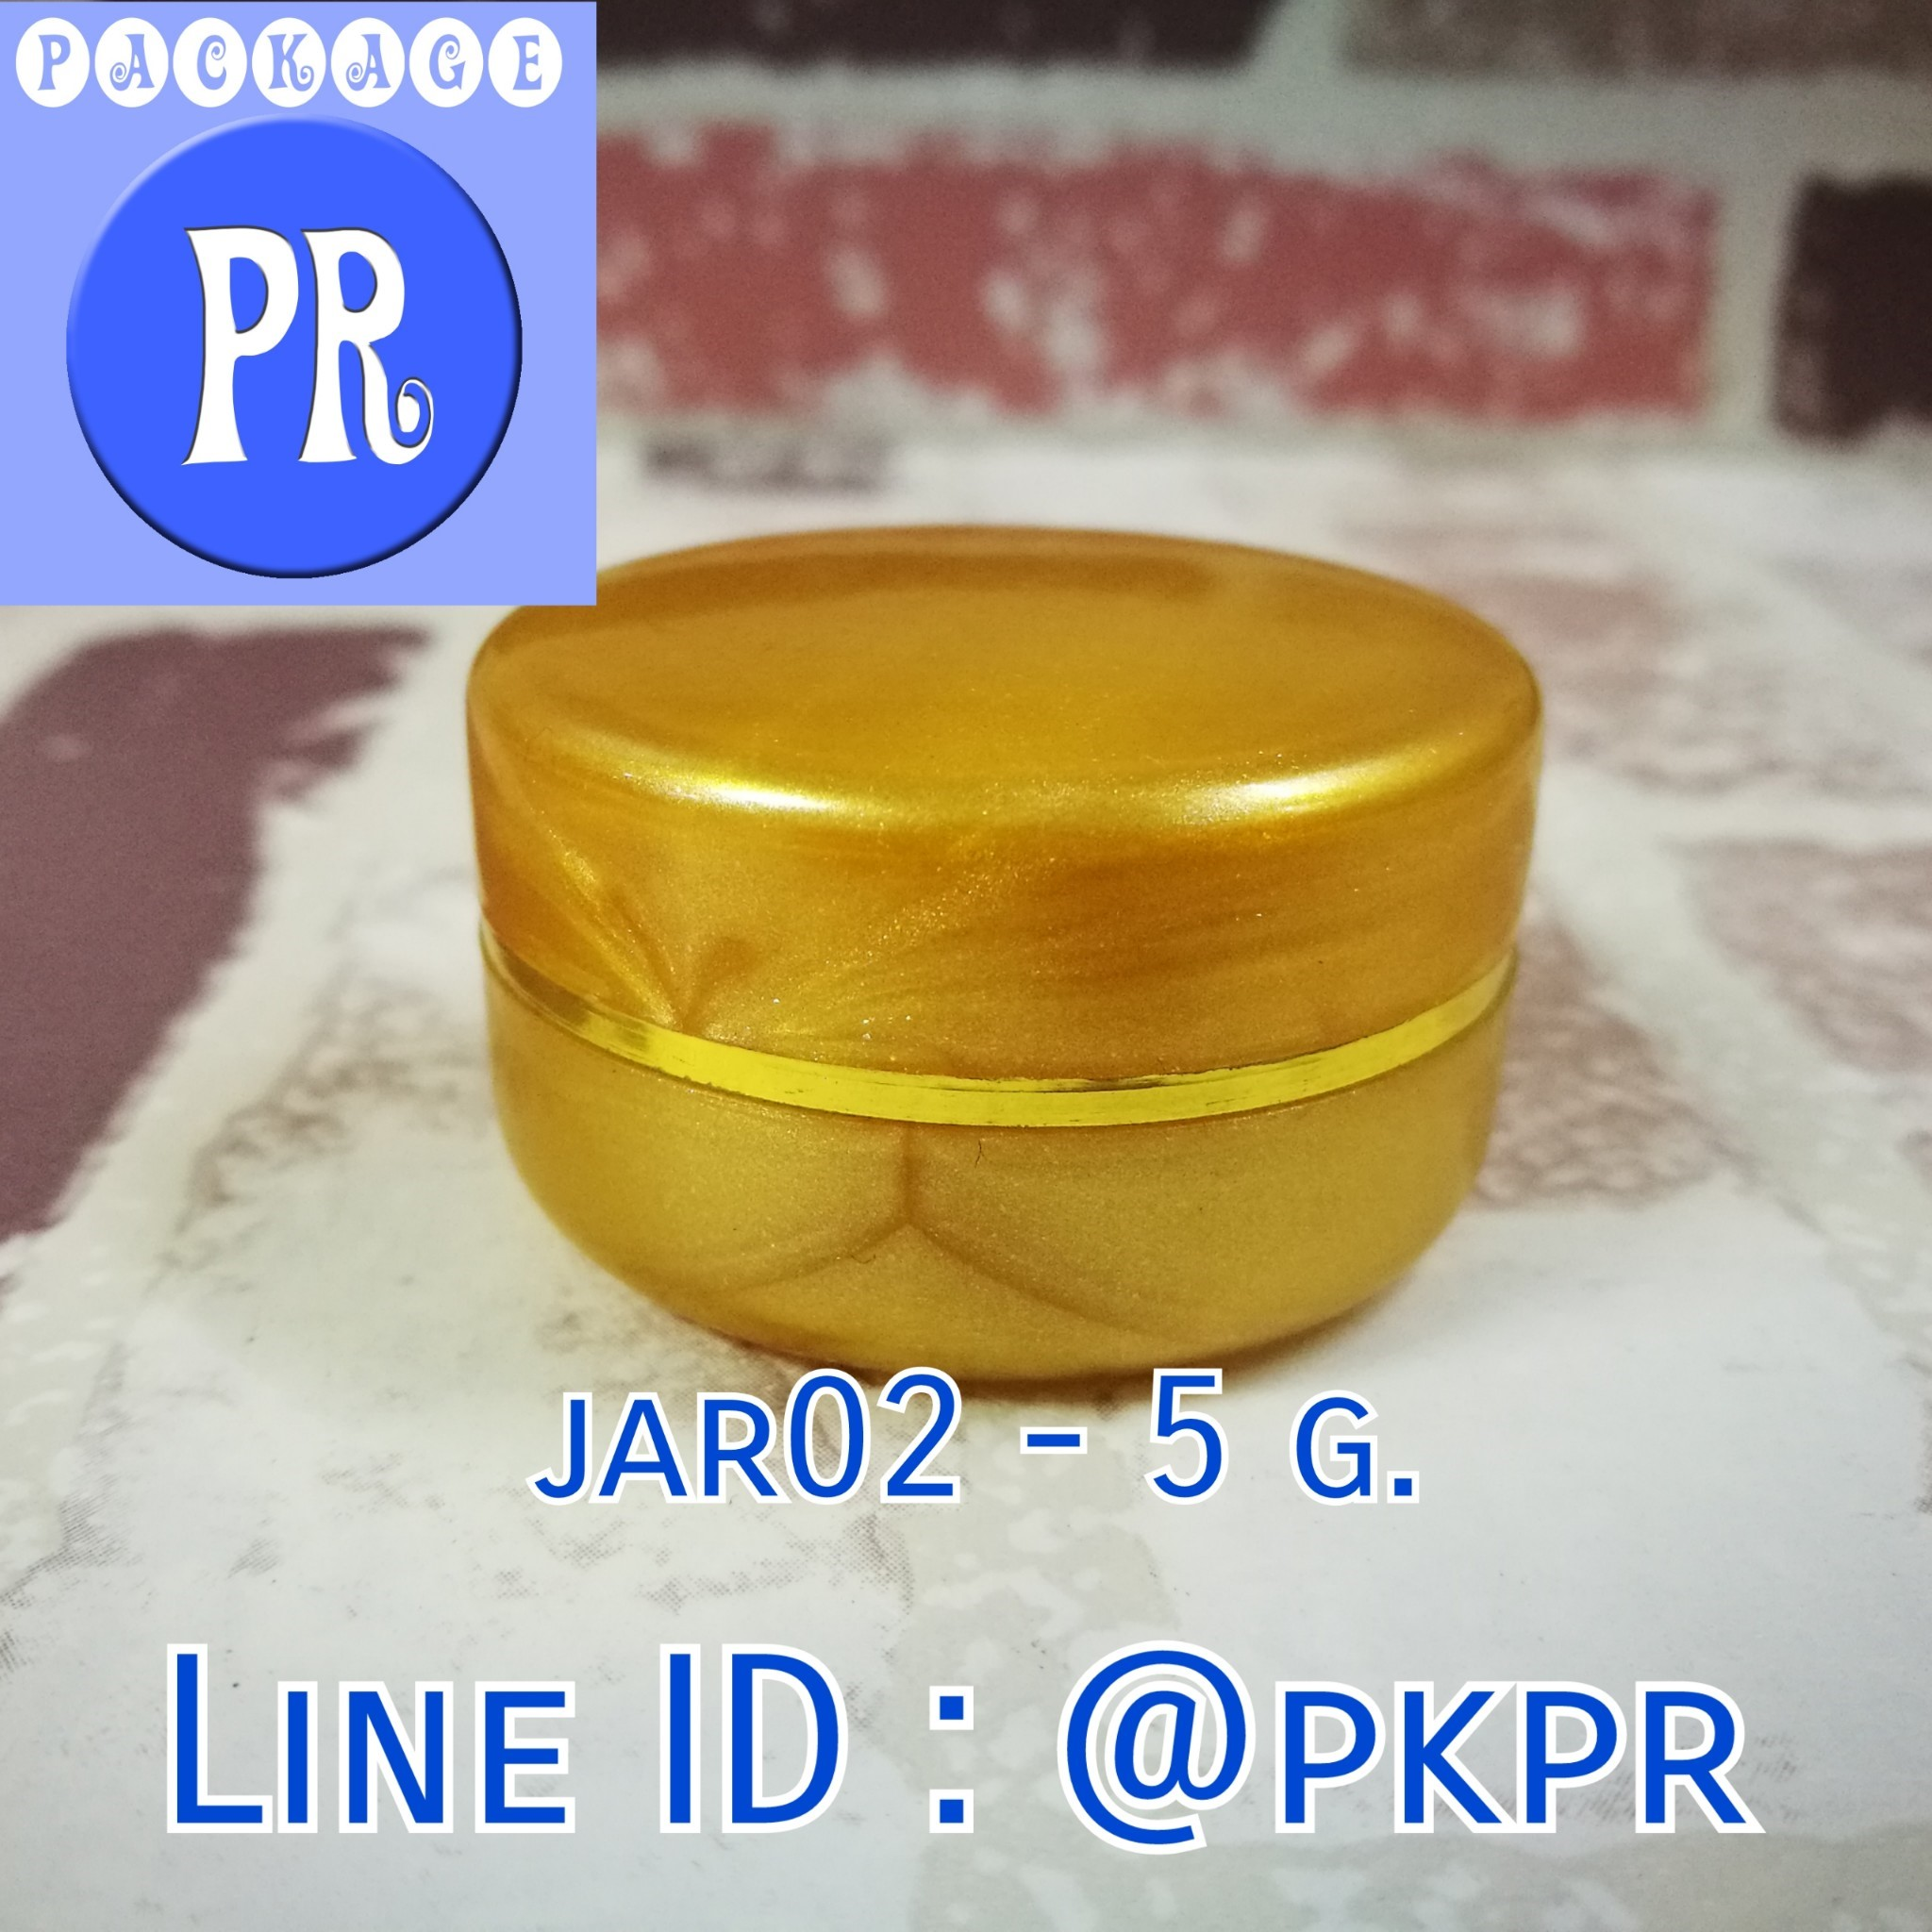 Jar02 - 5 g.